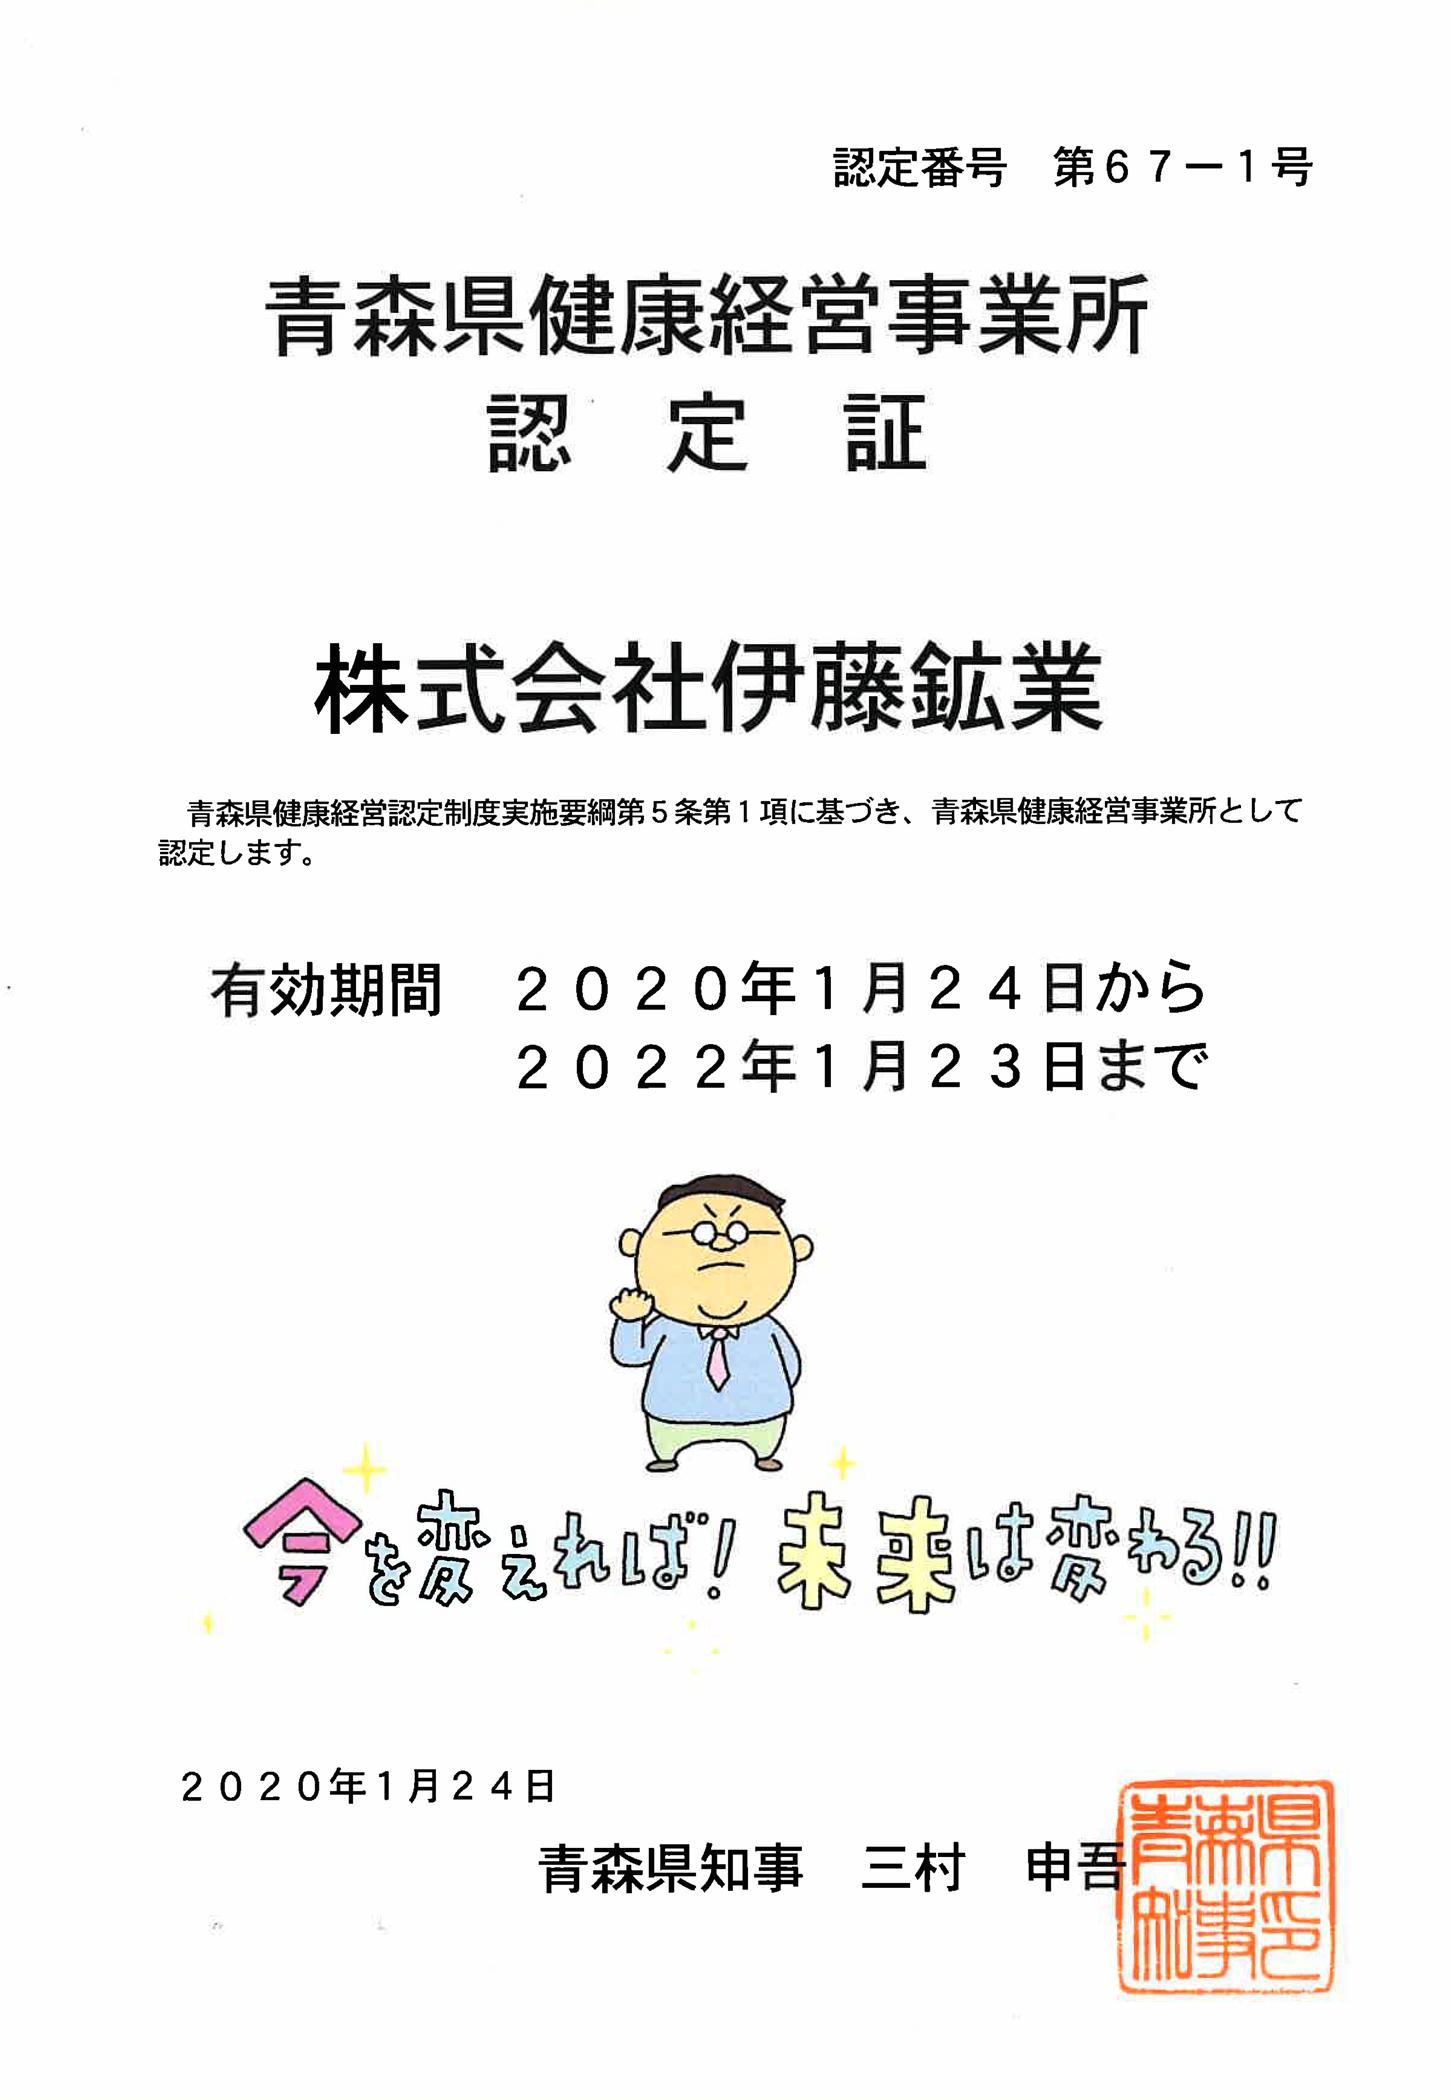 青森県健康経営事業所認定証